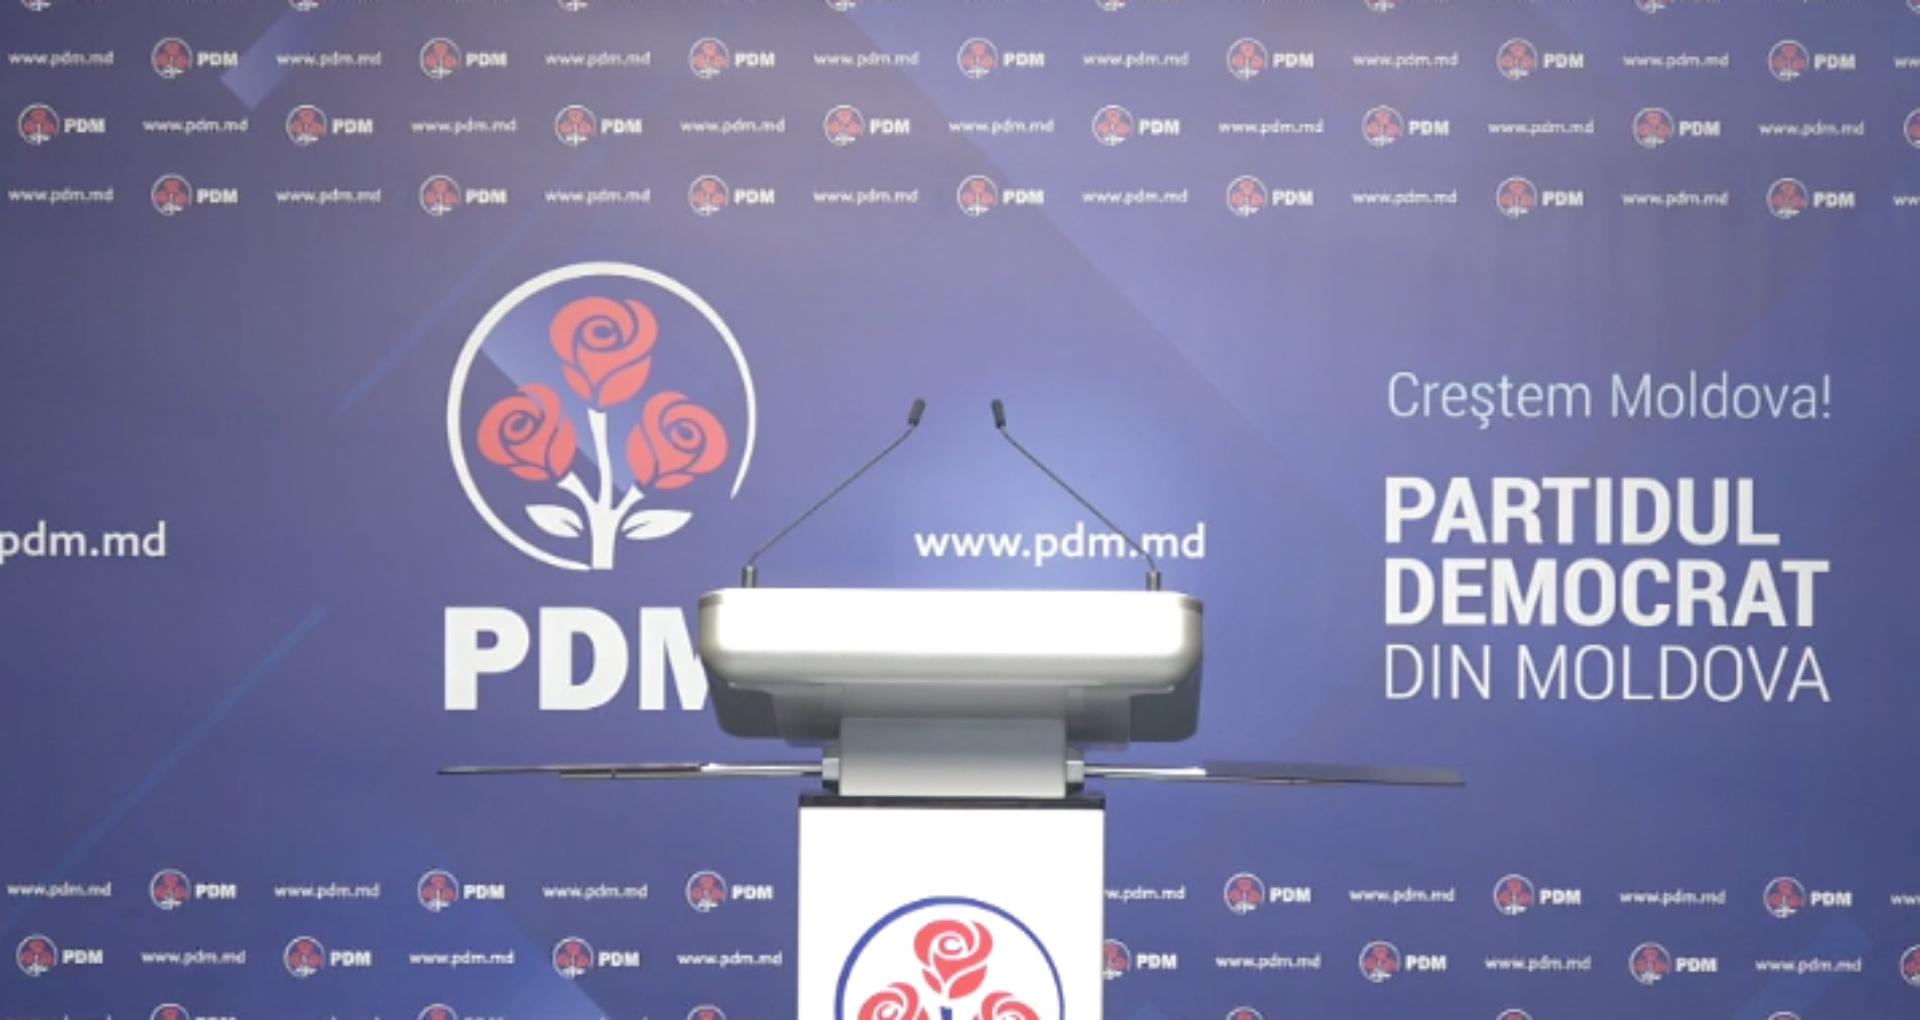 Reacția PDM la acuzațiile aduse în adresa lui Plahotniuc de către Ministerul de interne din Rusia